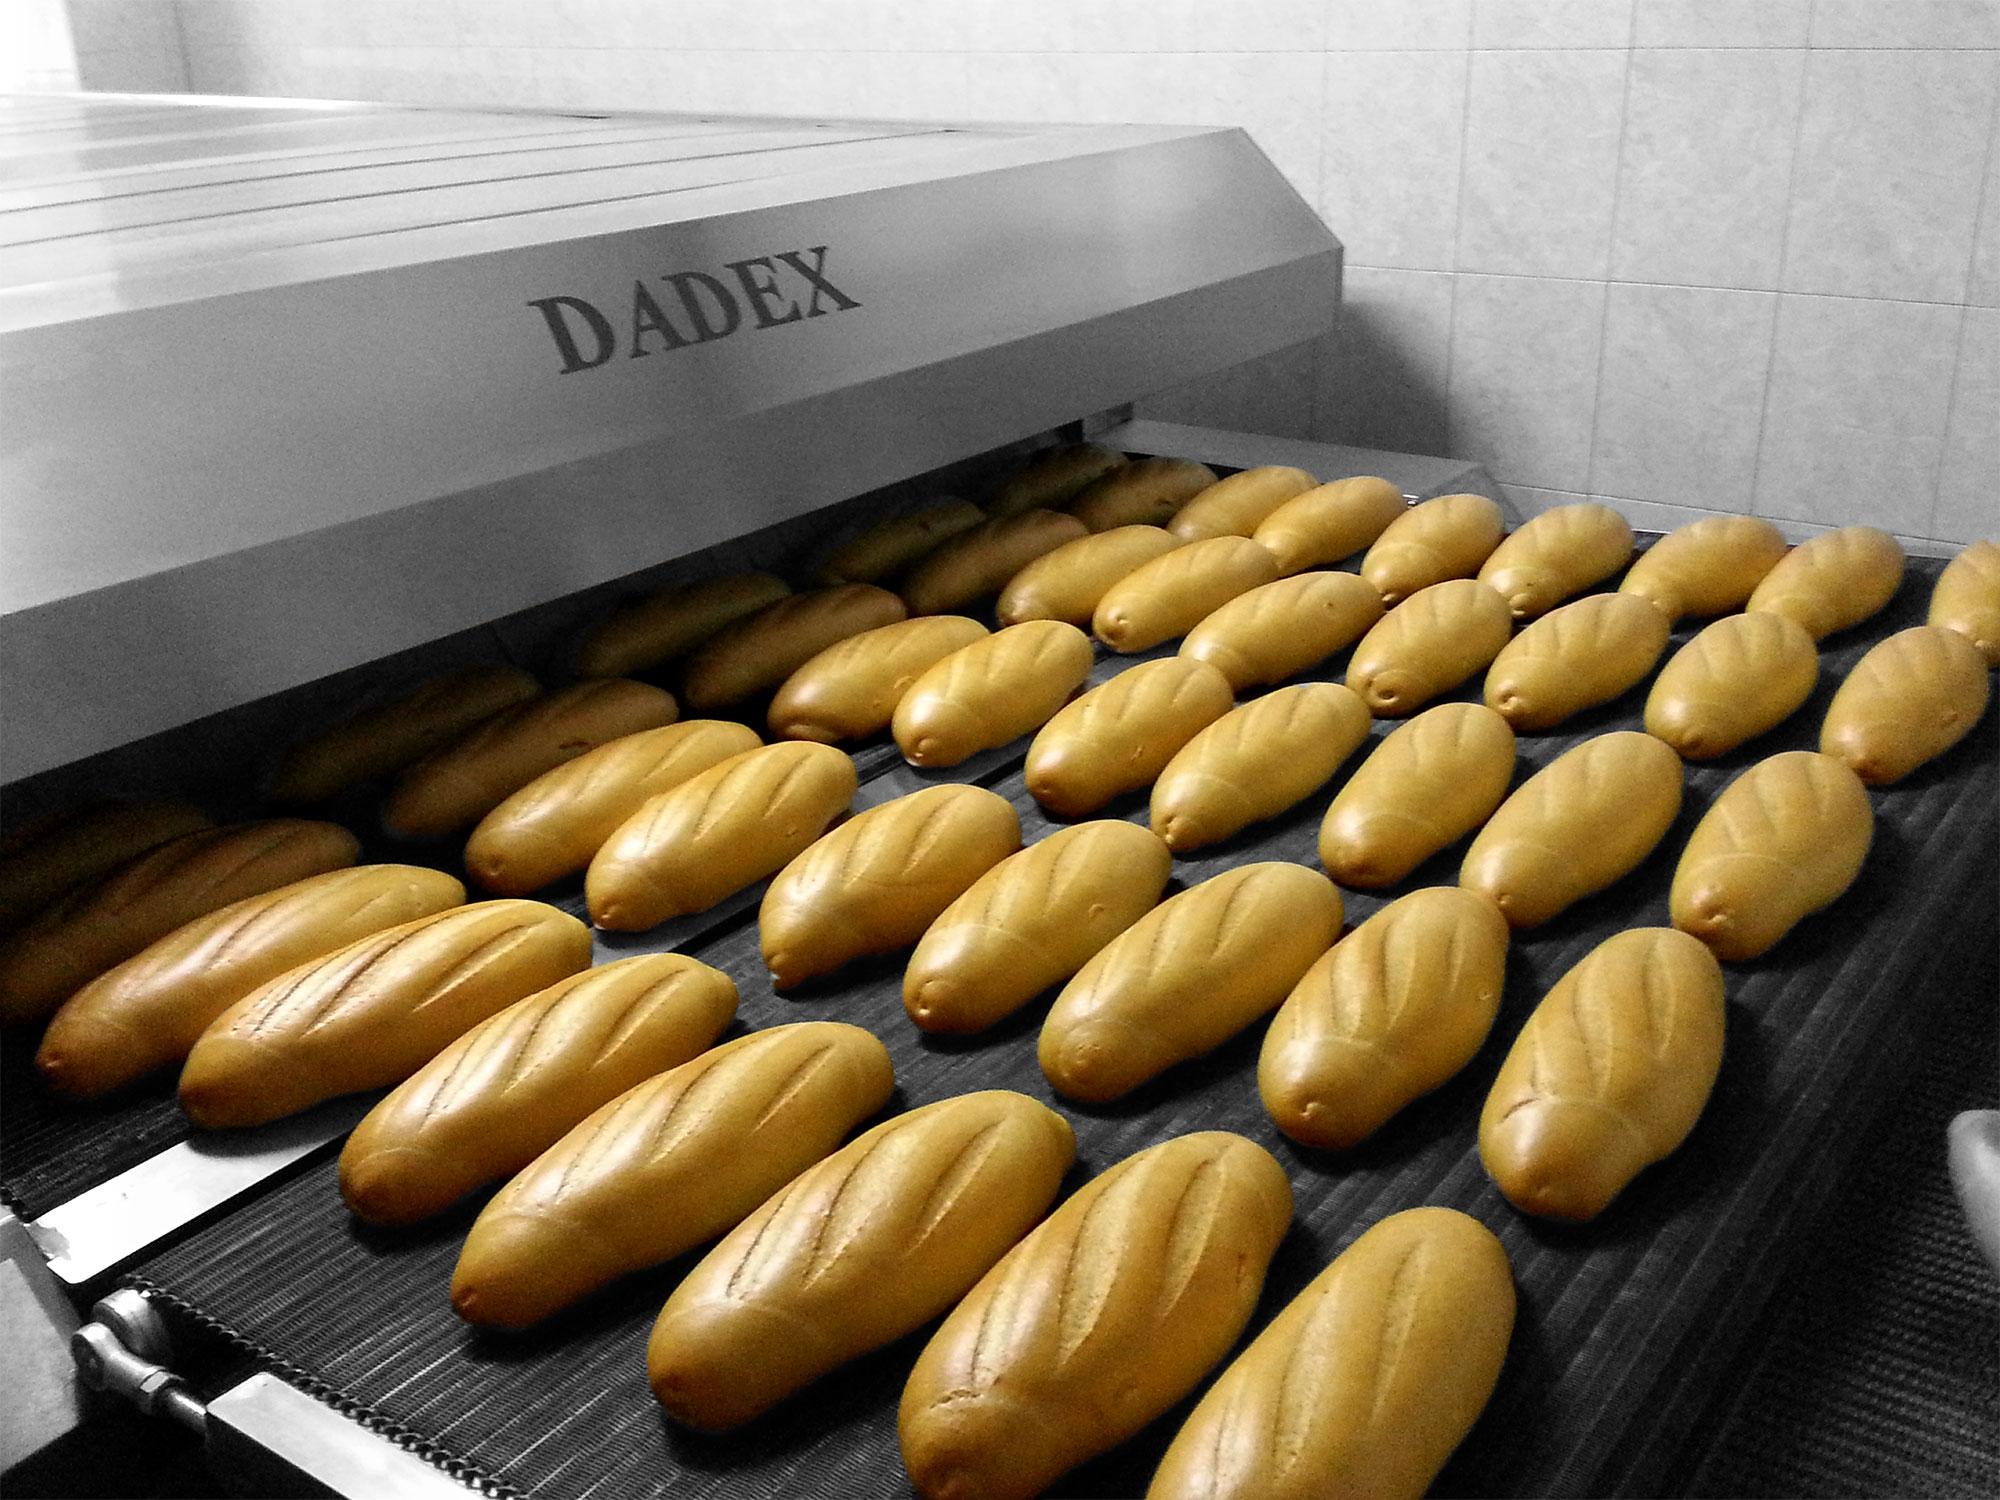 Policija: Podneta krivična prijava protiv radnika zbog  prisvajanja više od 28 hiljada vekni hleba 16254